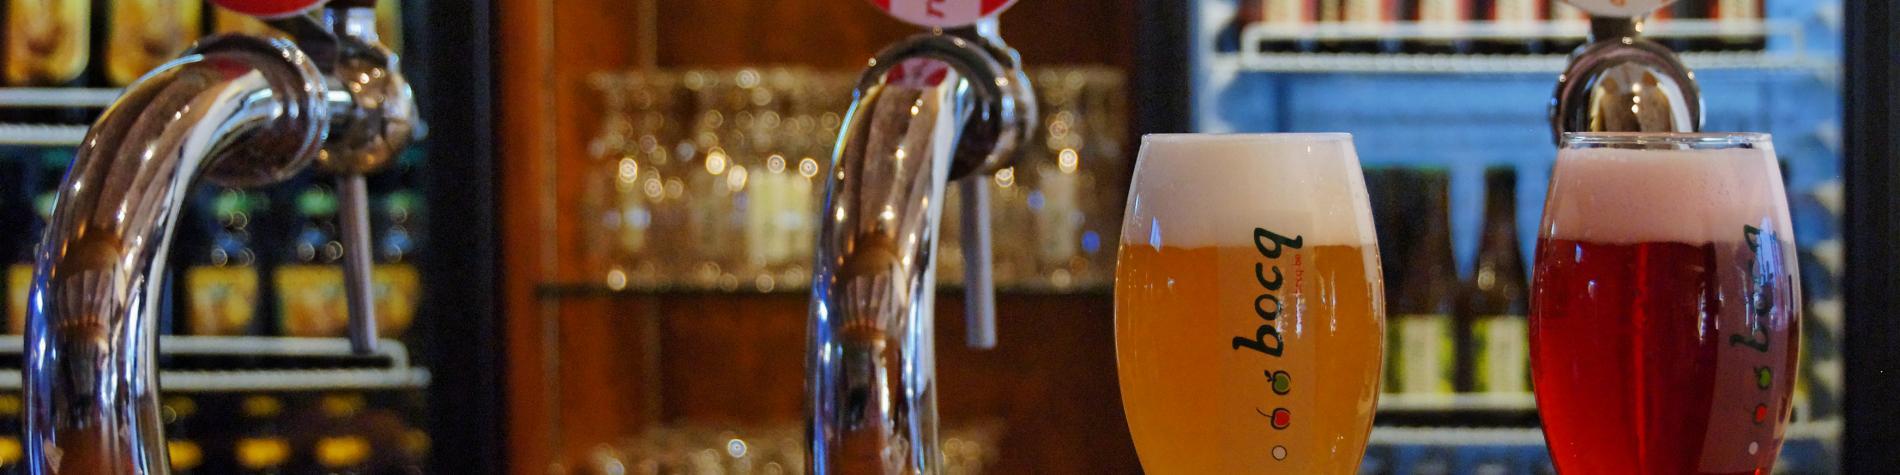 Venez déguster une bière à la Brasserie du Bocq de Purnode (Yvoir), Namur